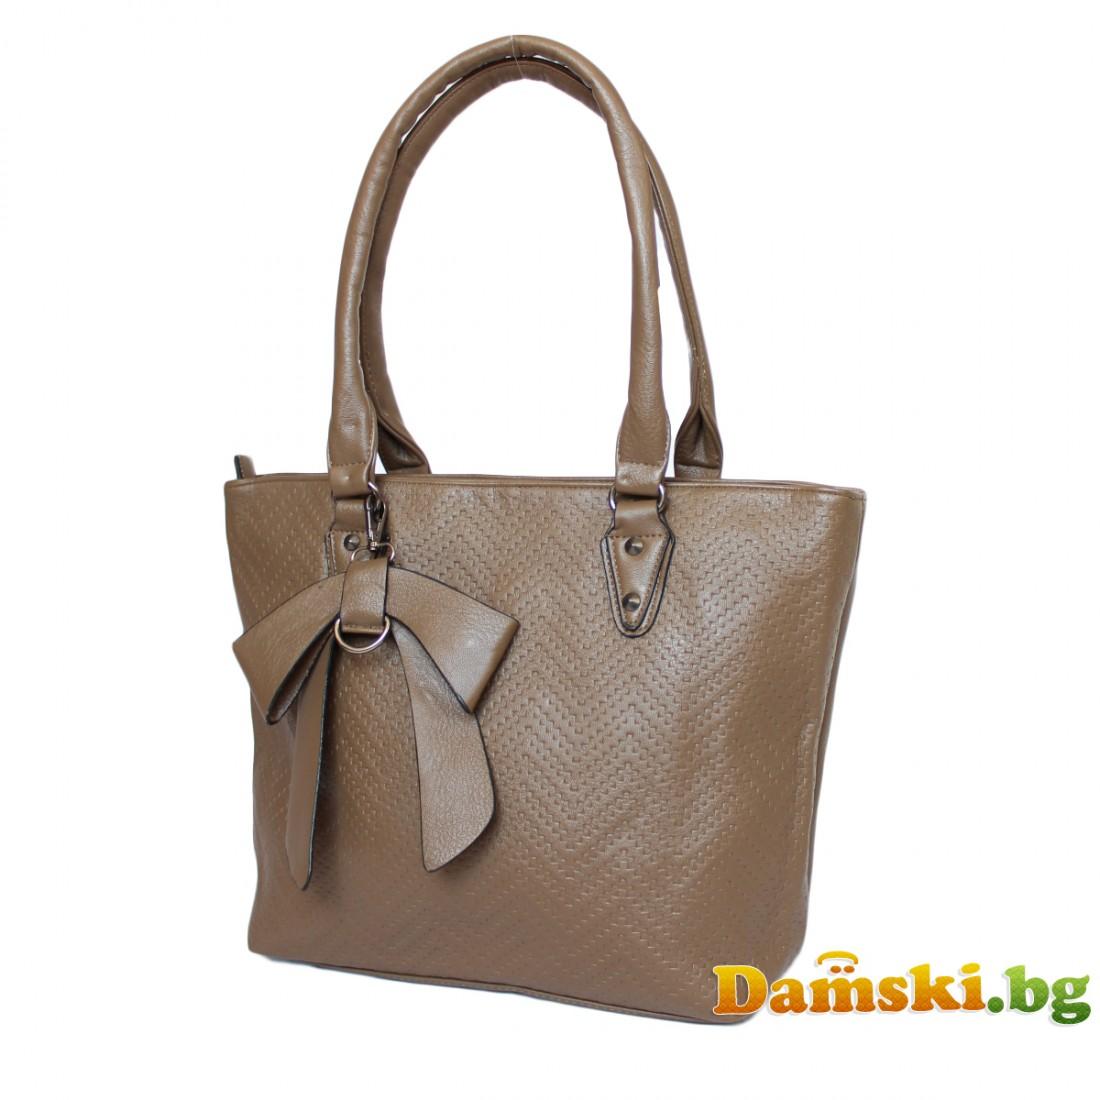 Ежедневна дамска чанта Соня - кафява